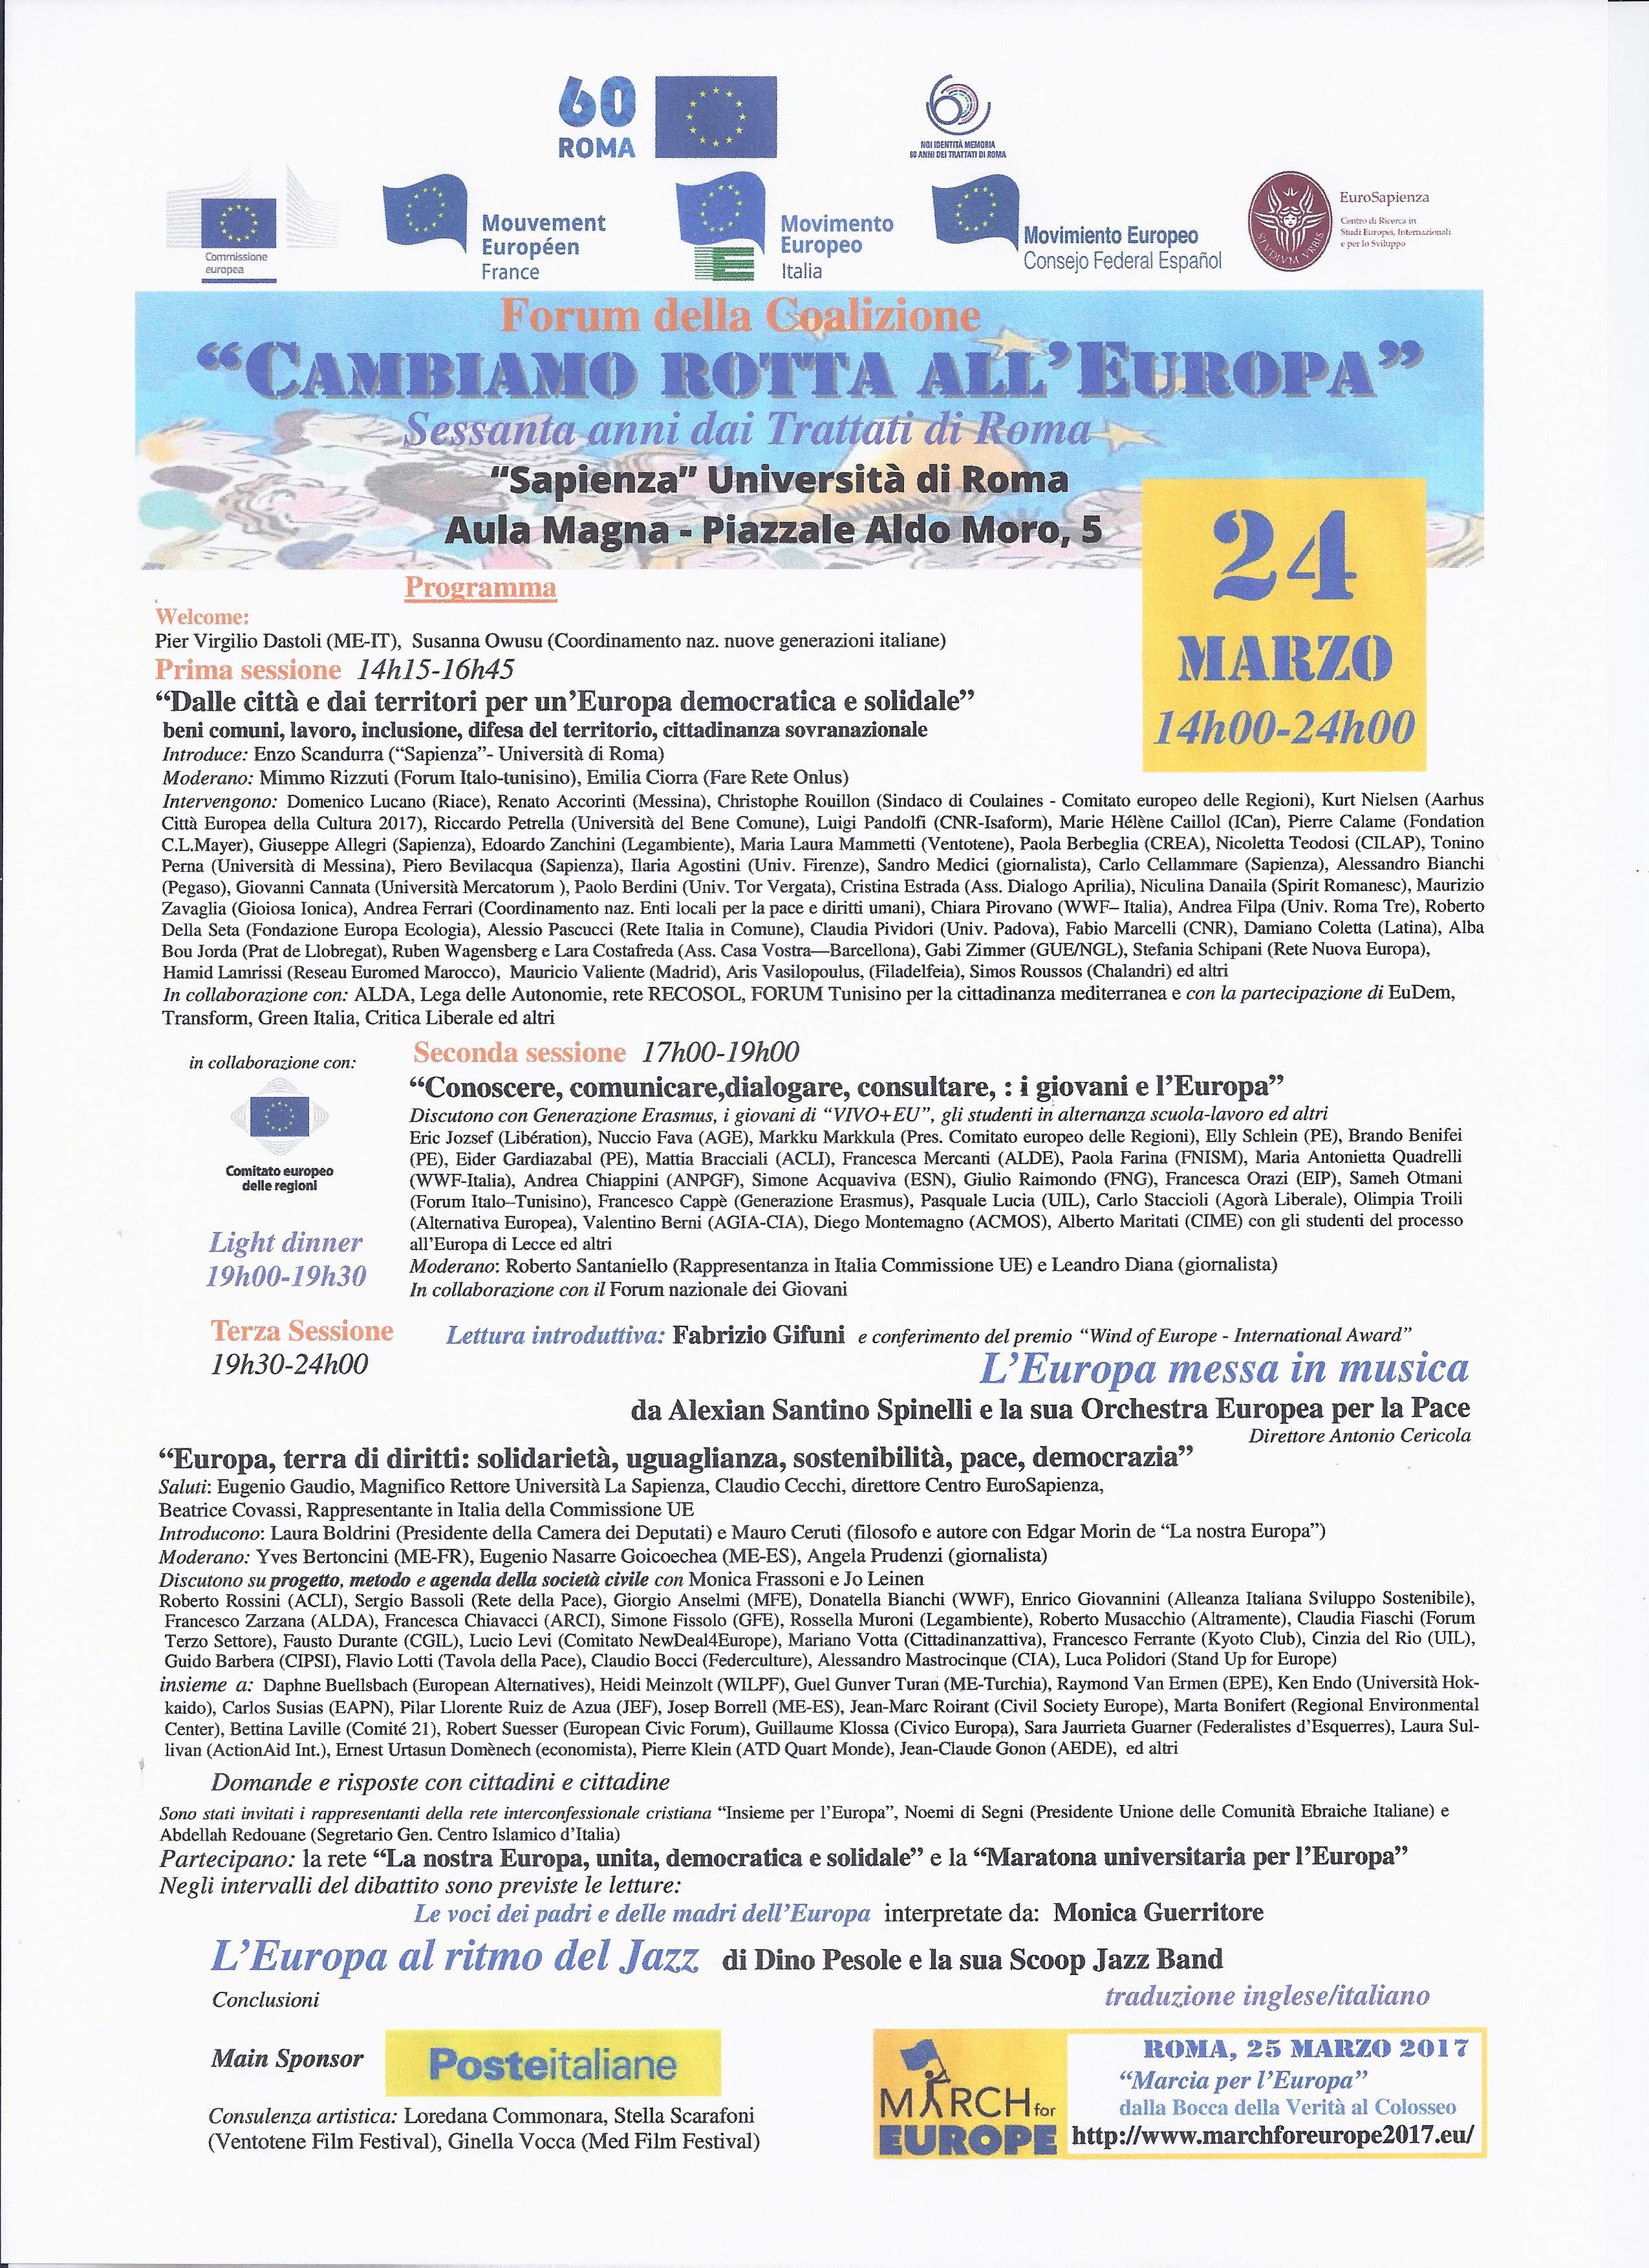 25 MARZO 2017 60° ANNIVERSARIO DEI TRATTATI DI ROMA